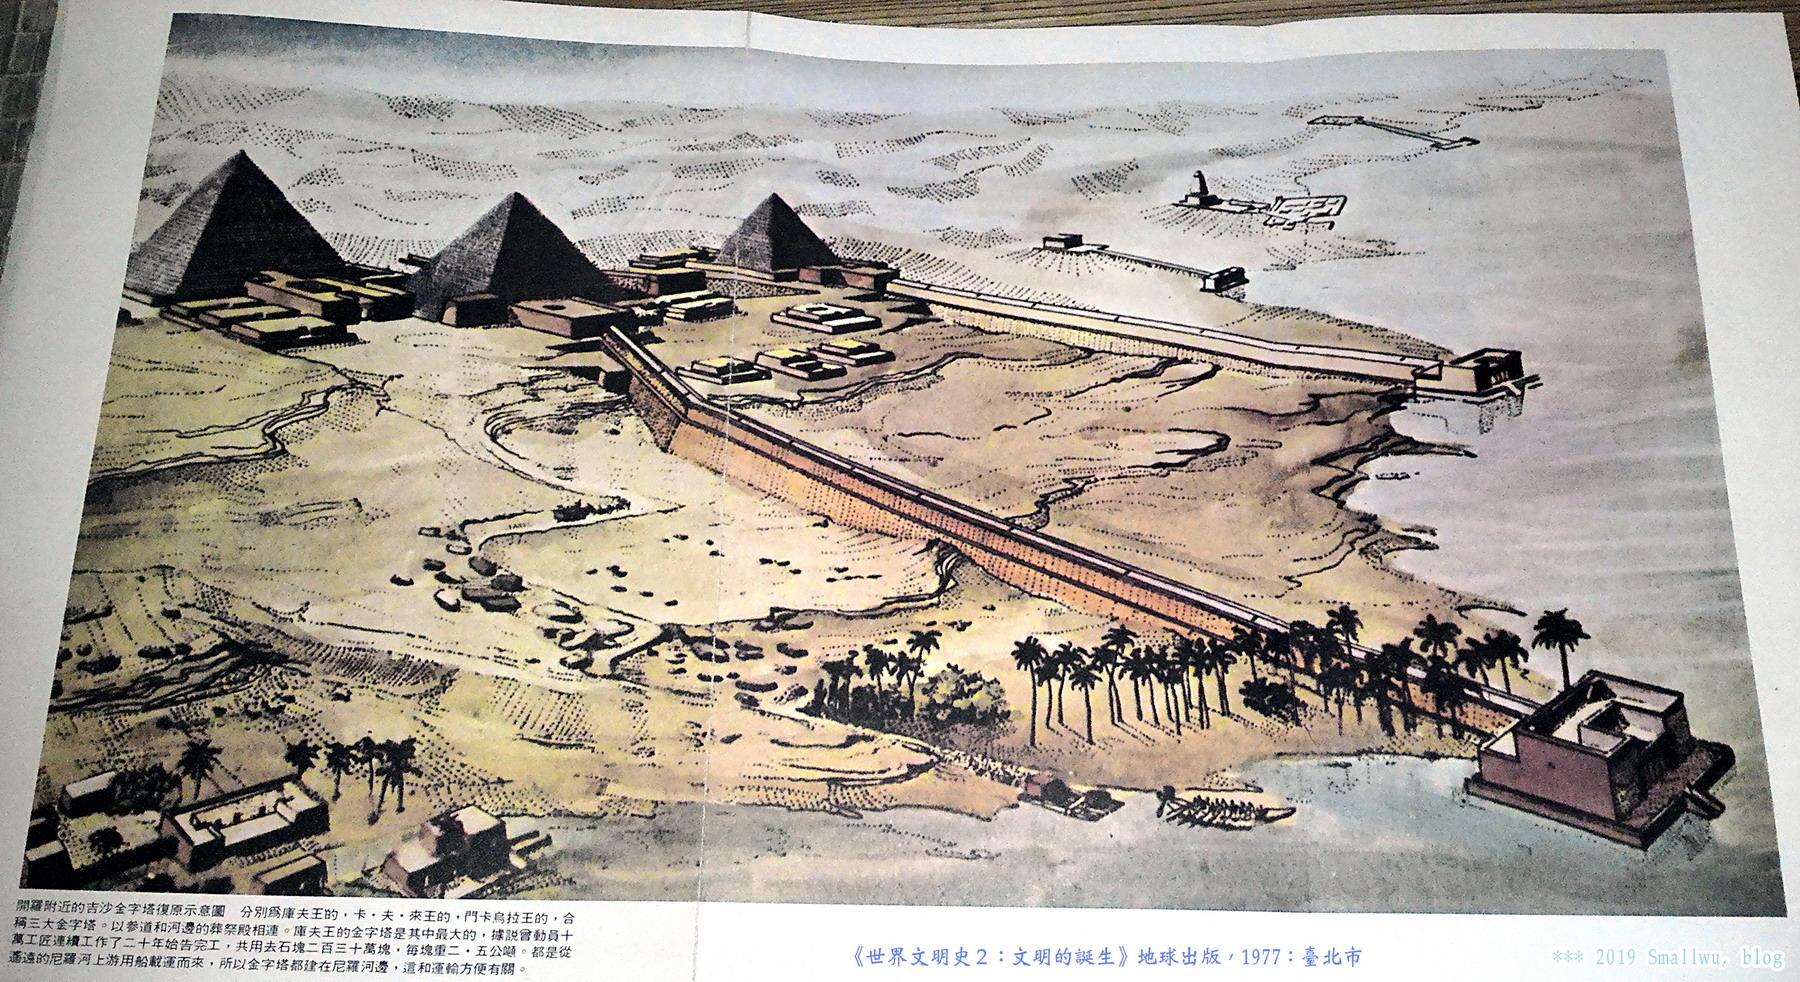 世界文明史2-文明的誕生-04 吉薩金字體與神殿 復原示意圖.jpg